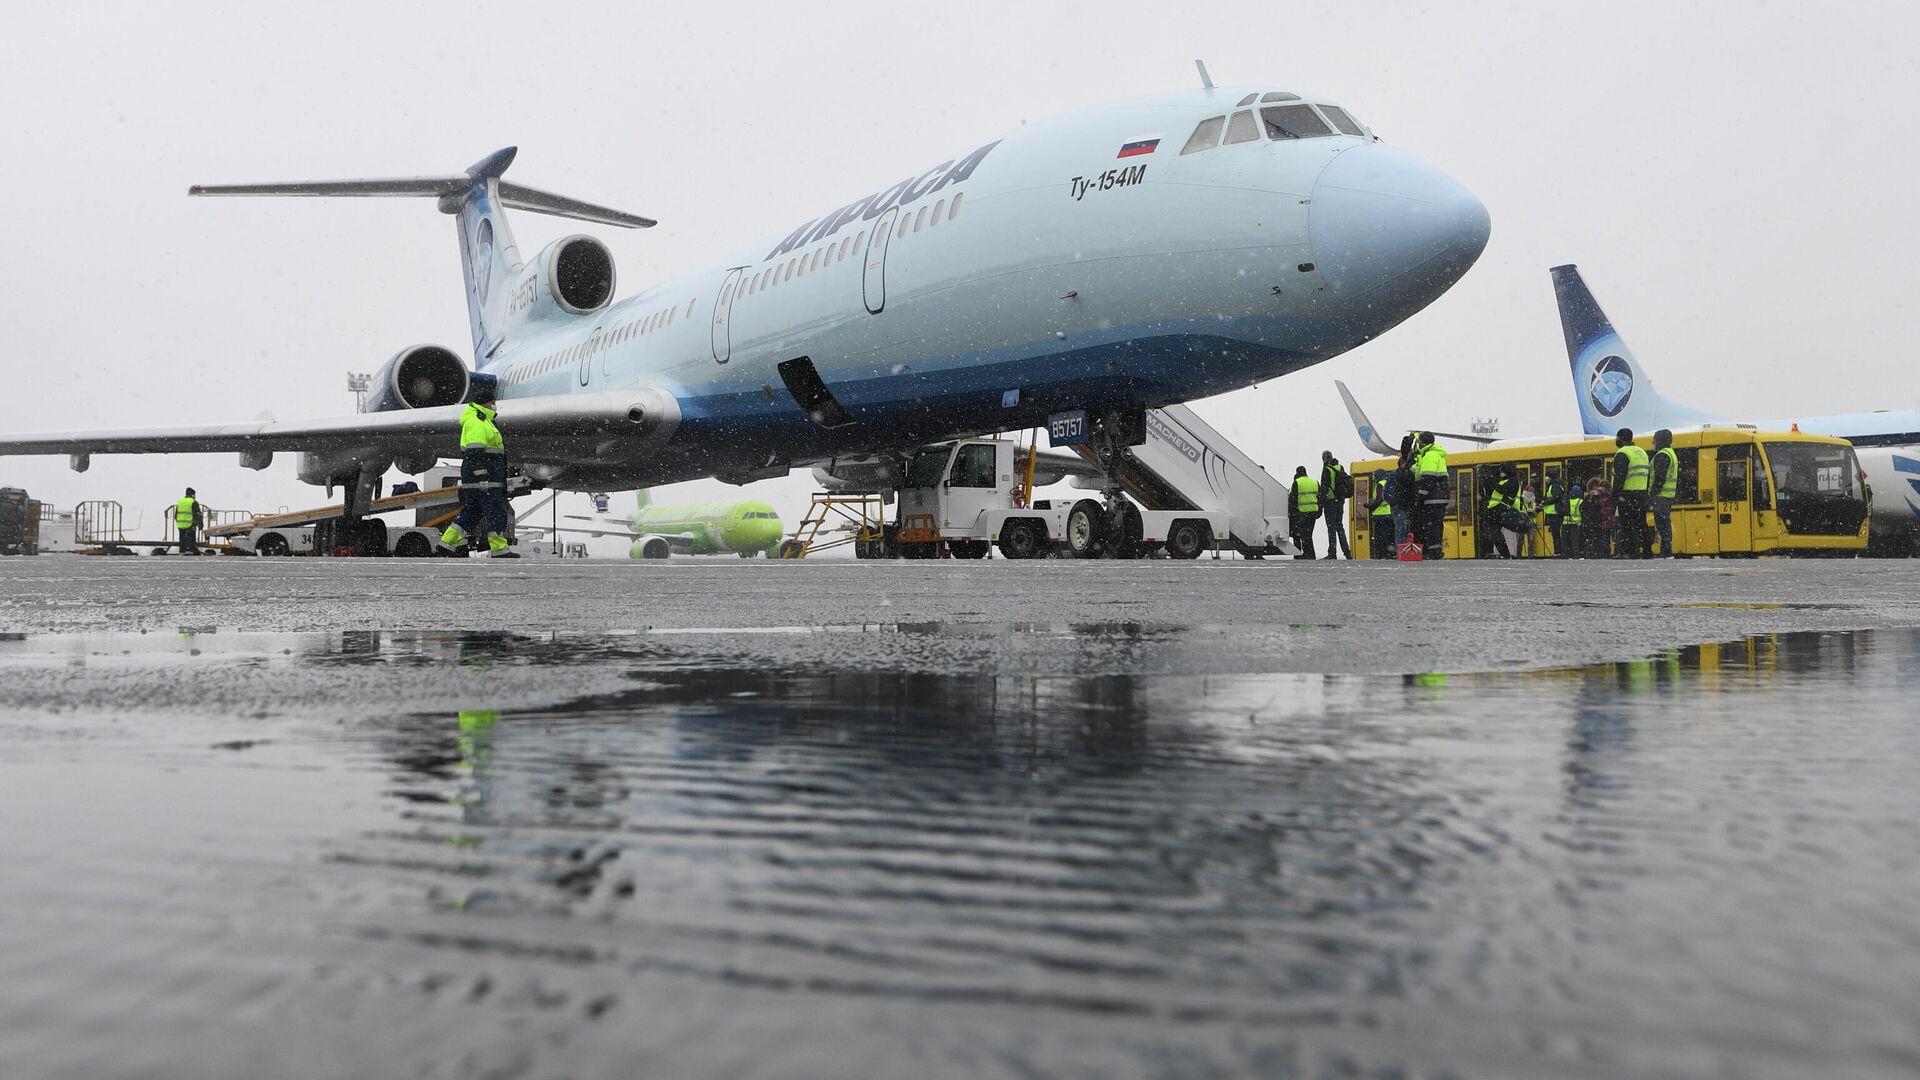 Самолет Ту-154 авиакомпании Алроса на перроне в аэропорту Толмачево в Новосибирске - РИА Новости, 1920, 28.10.2020